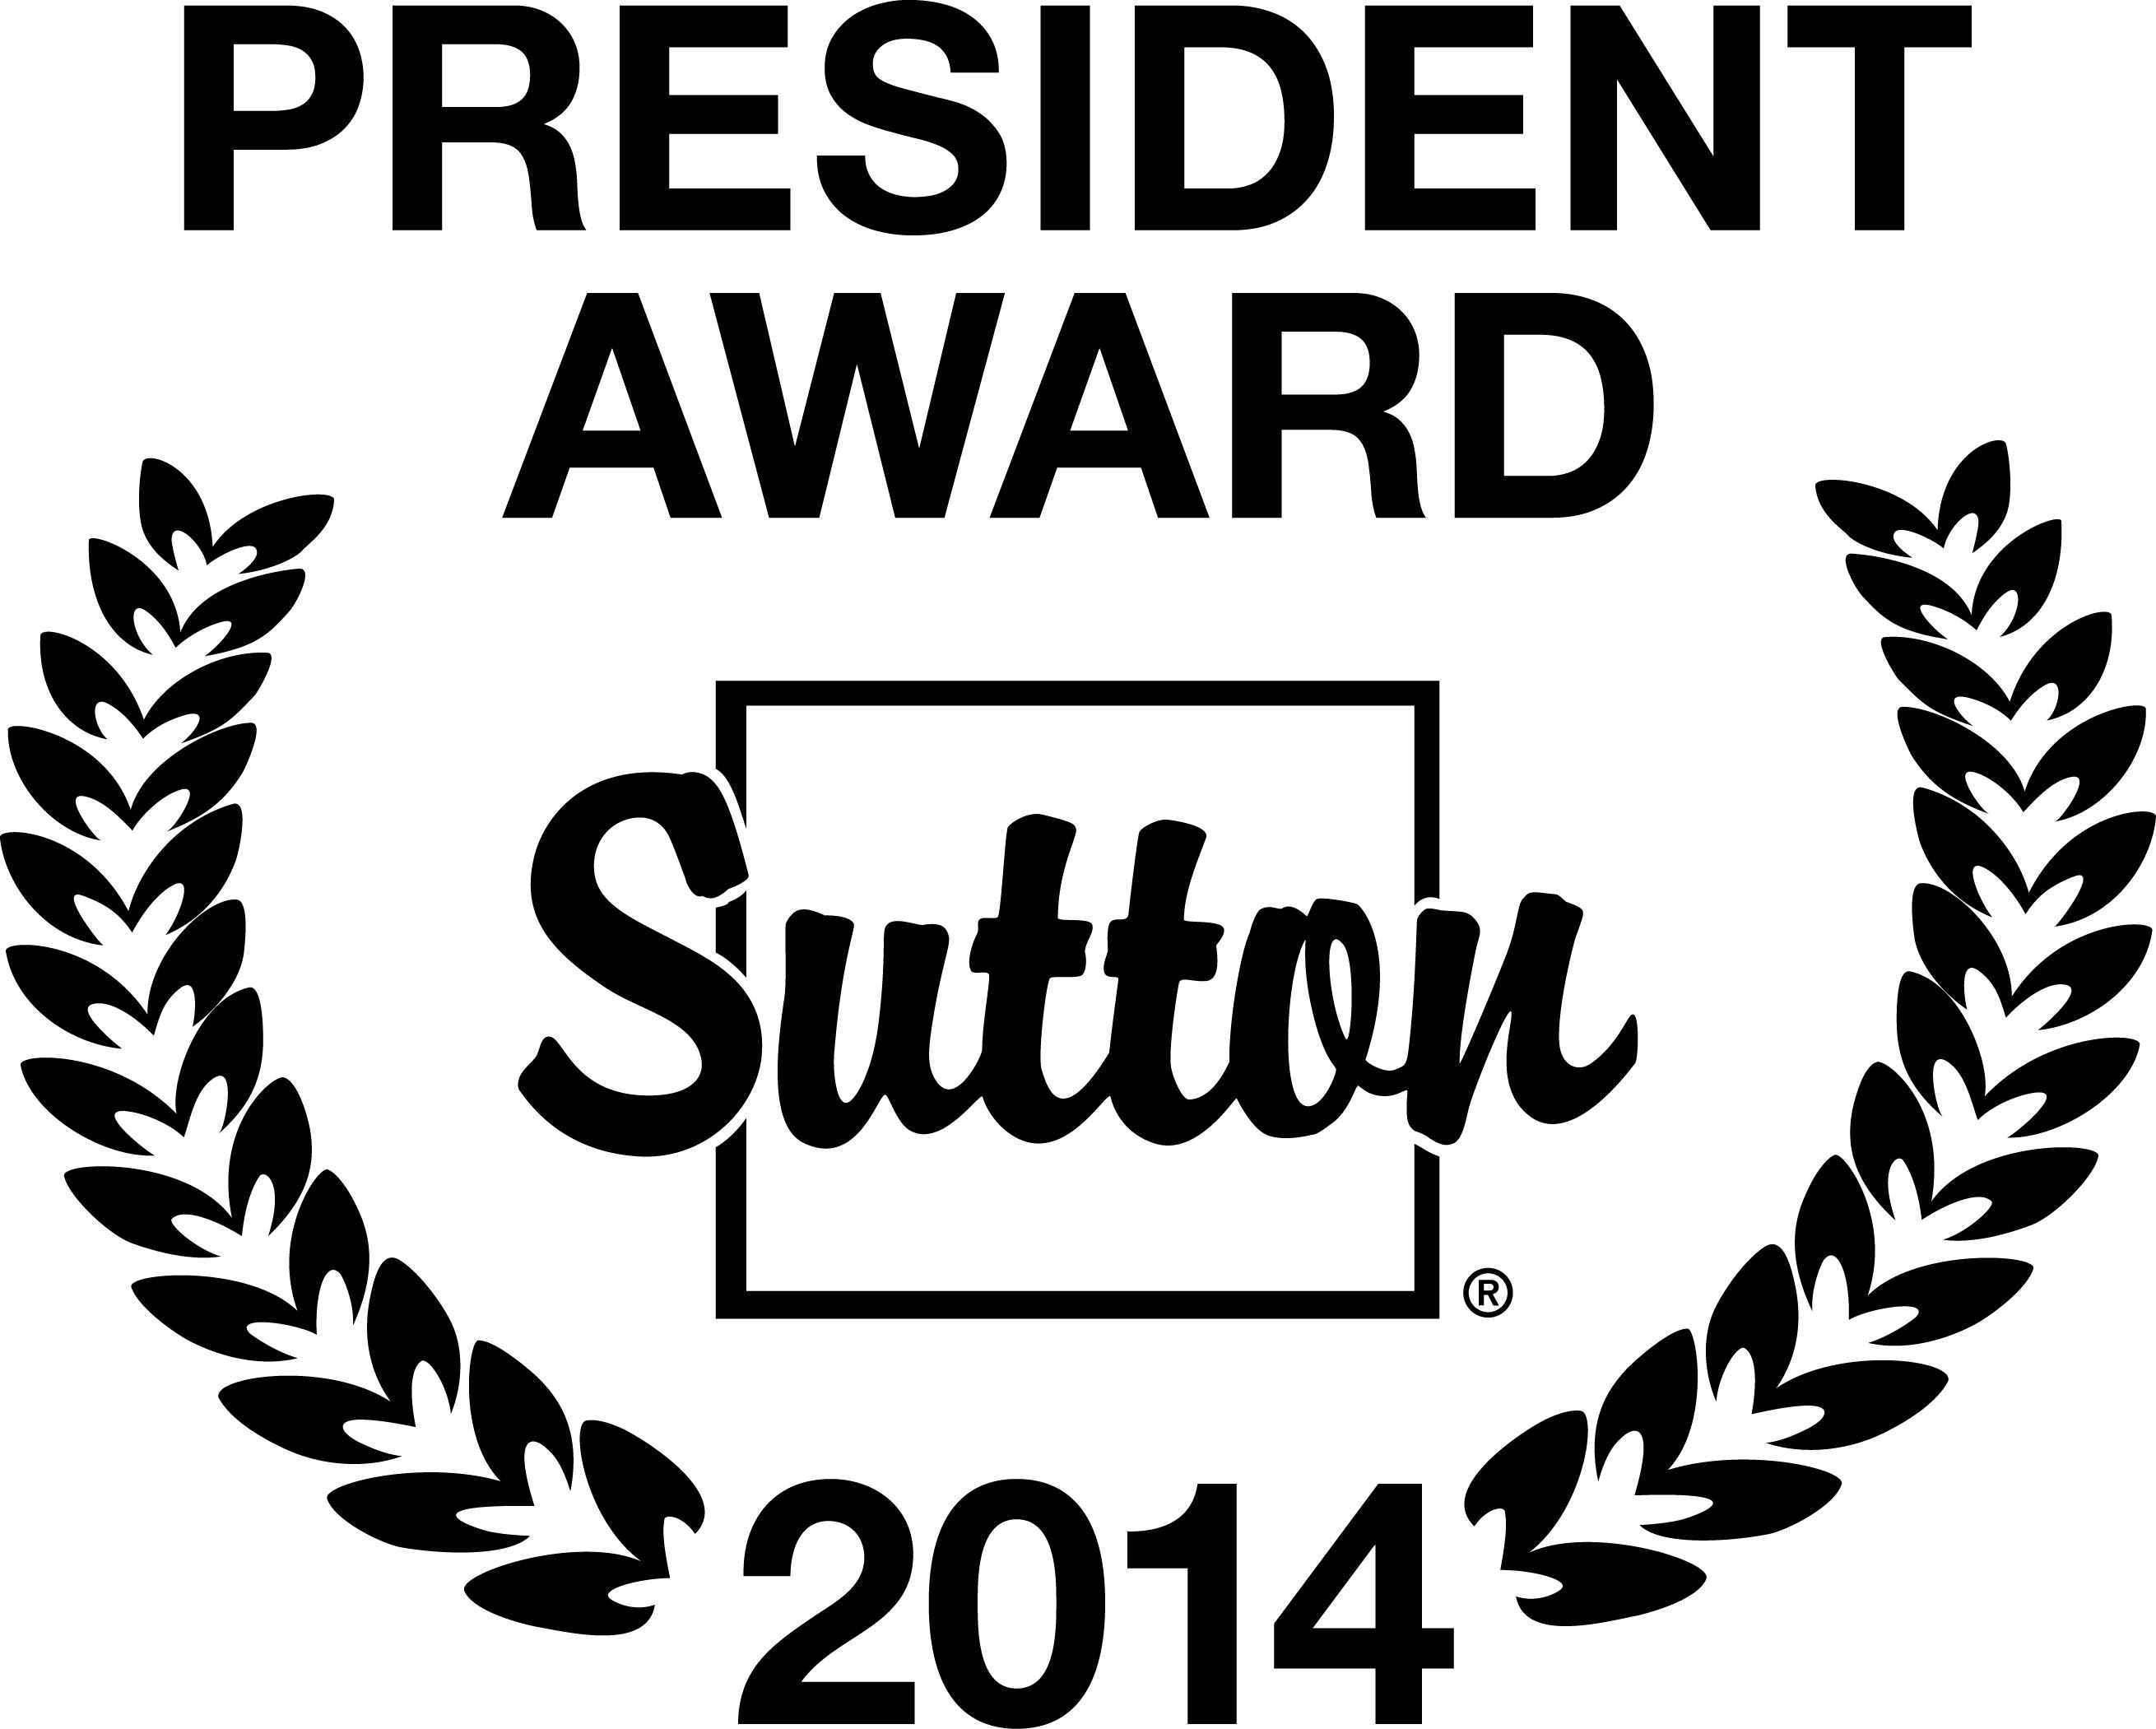 president award 2014